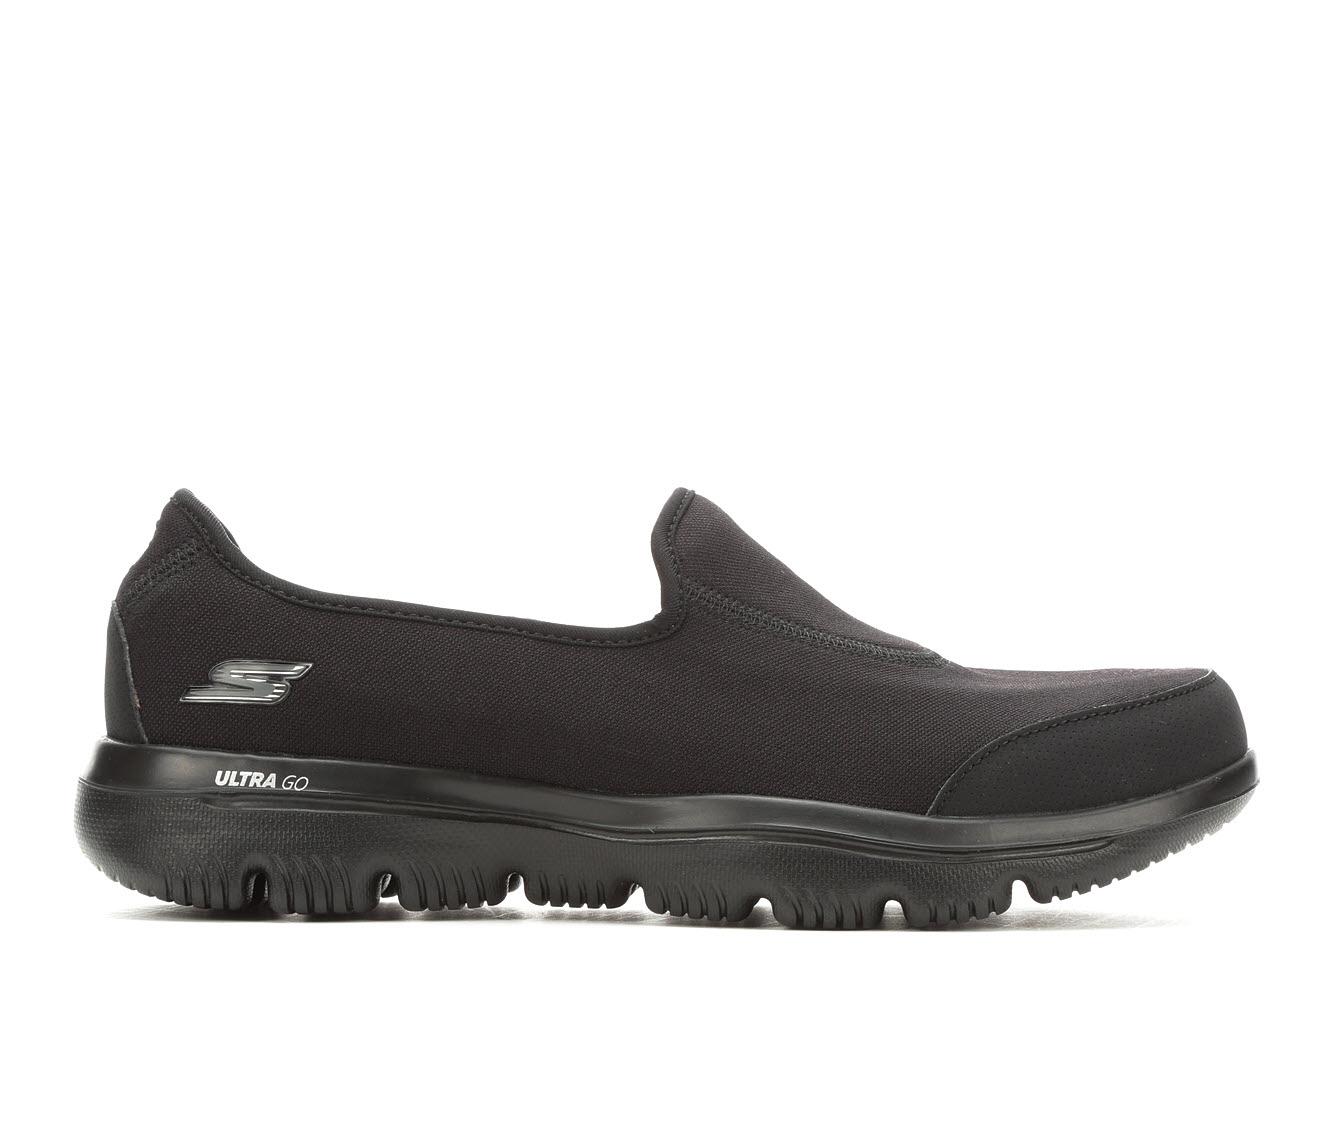 Skechers Go Ultra 15763 Women's Shoe (Black Canvas)